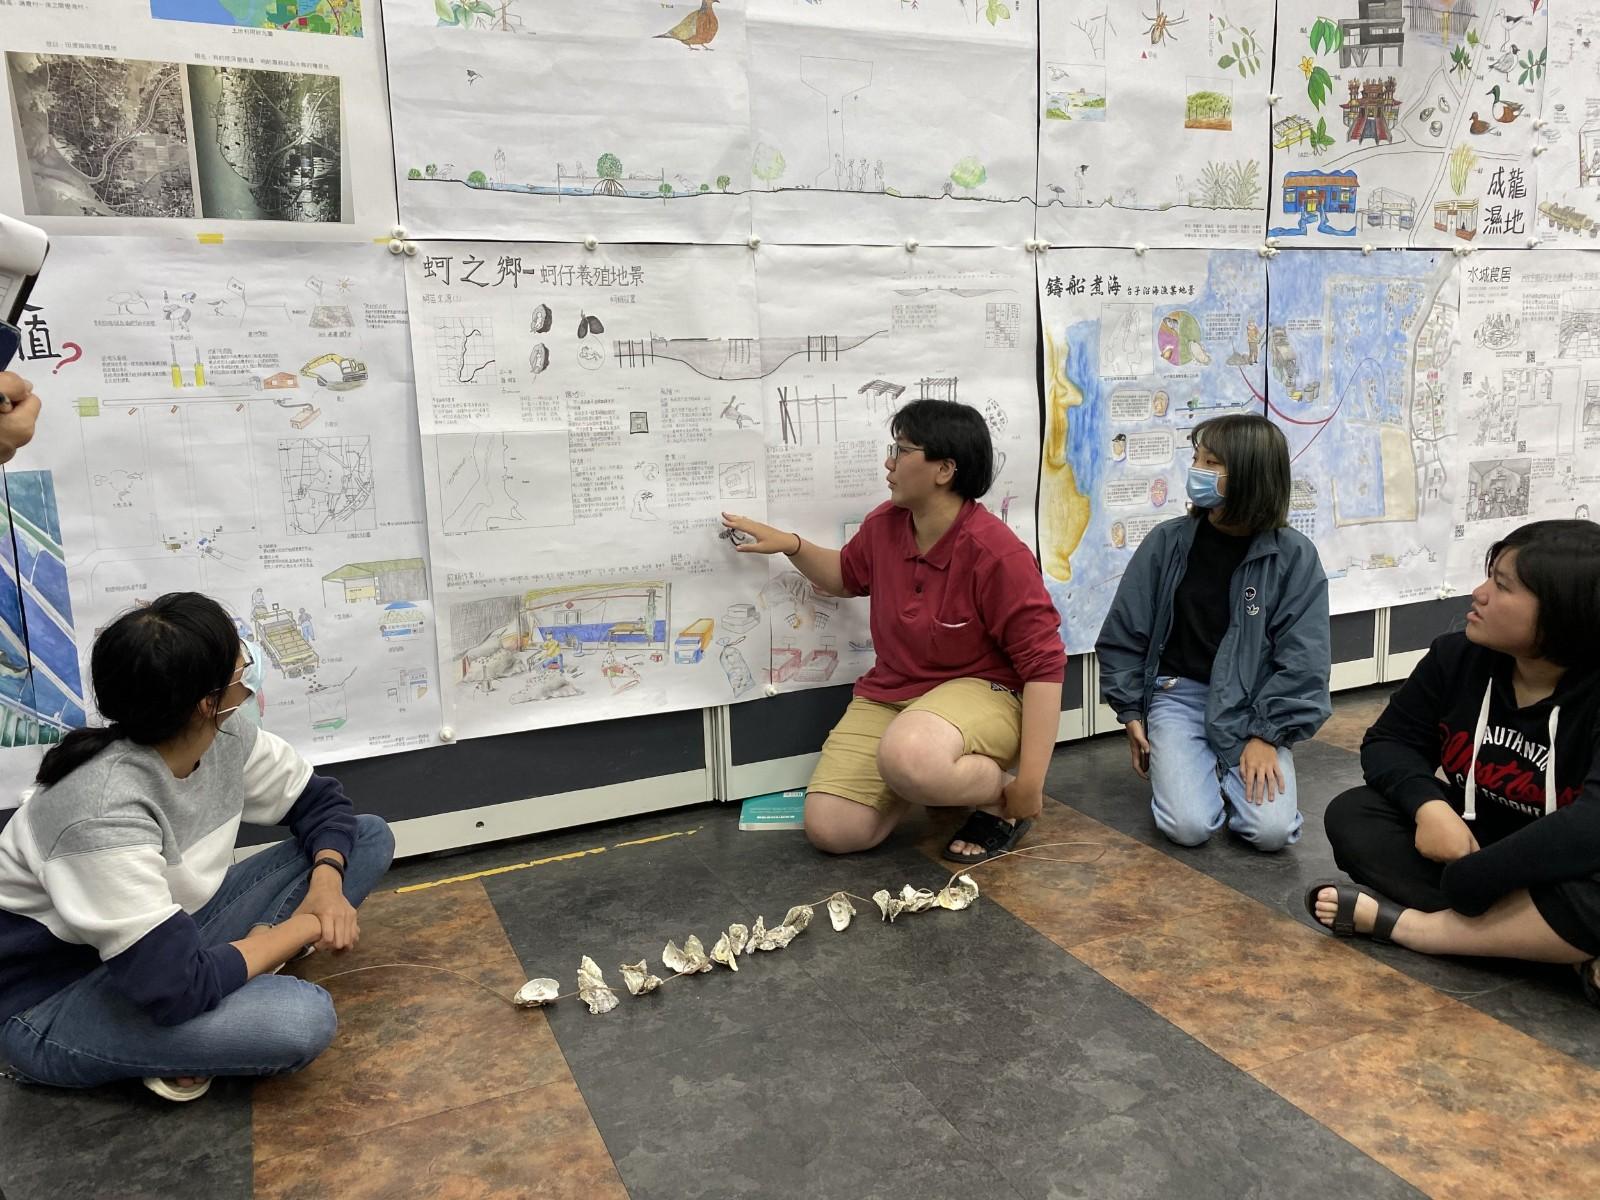 中原大學景觀系鼓勵學生融入環境場域,體驗在地生活,更能了解人與環境的關係。.jpg